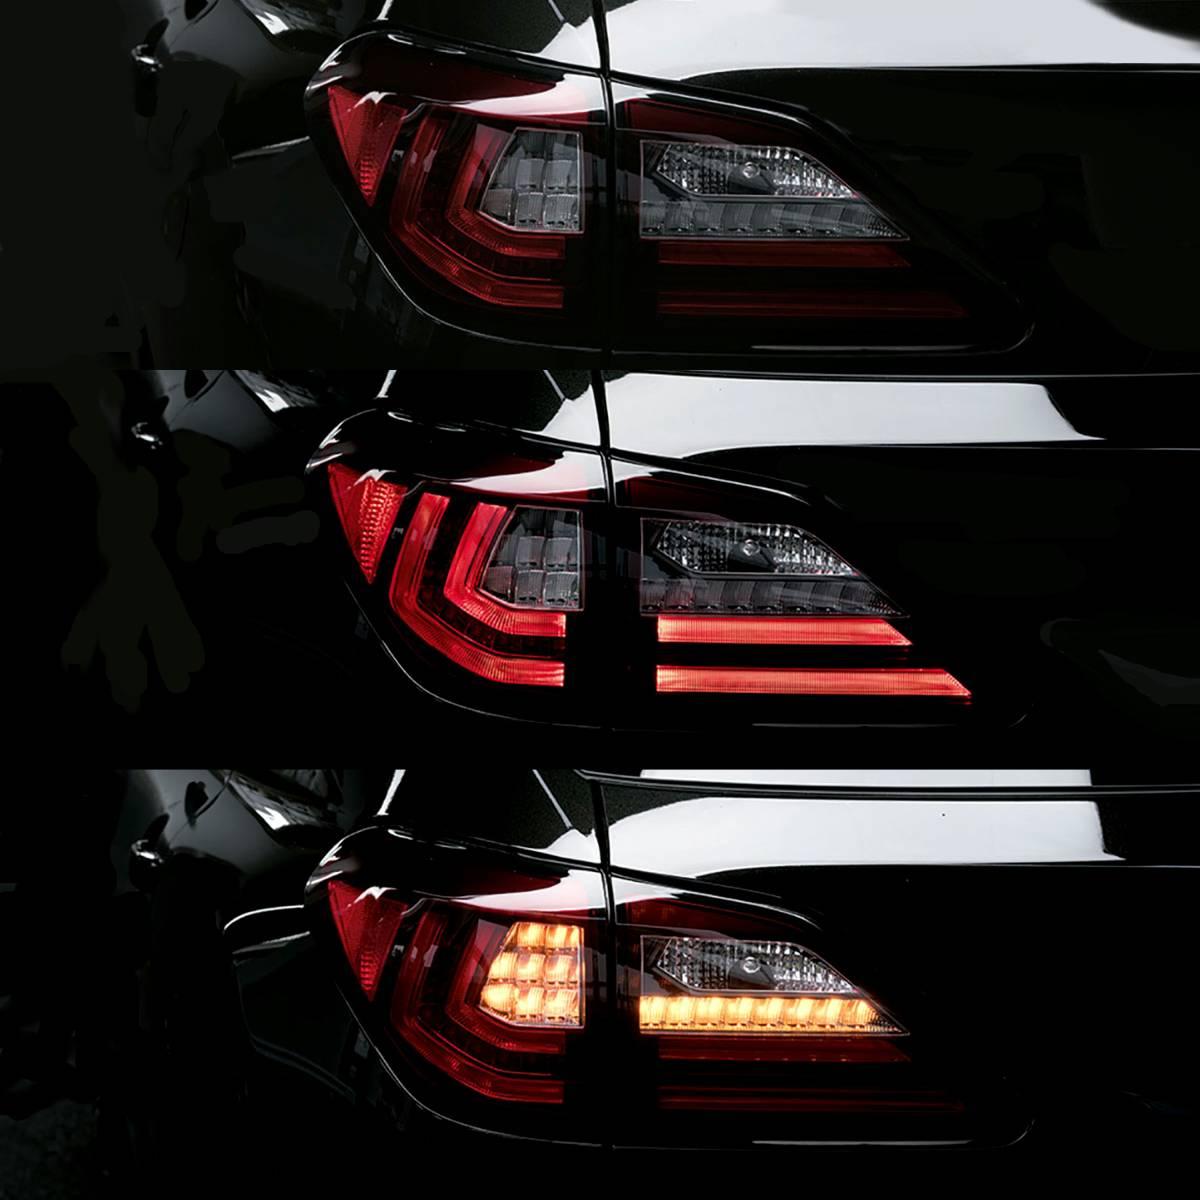 レクサス RX 10系用 20系仕様 流れるウィンカー テール シーケンシャルウィンカー lexus AGL10 GGL10 GGL15 GYL10 GYL15 GYL16 CONSERX_画像2